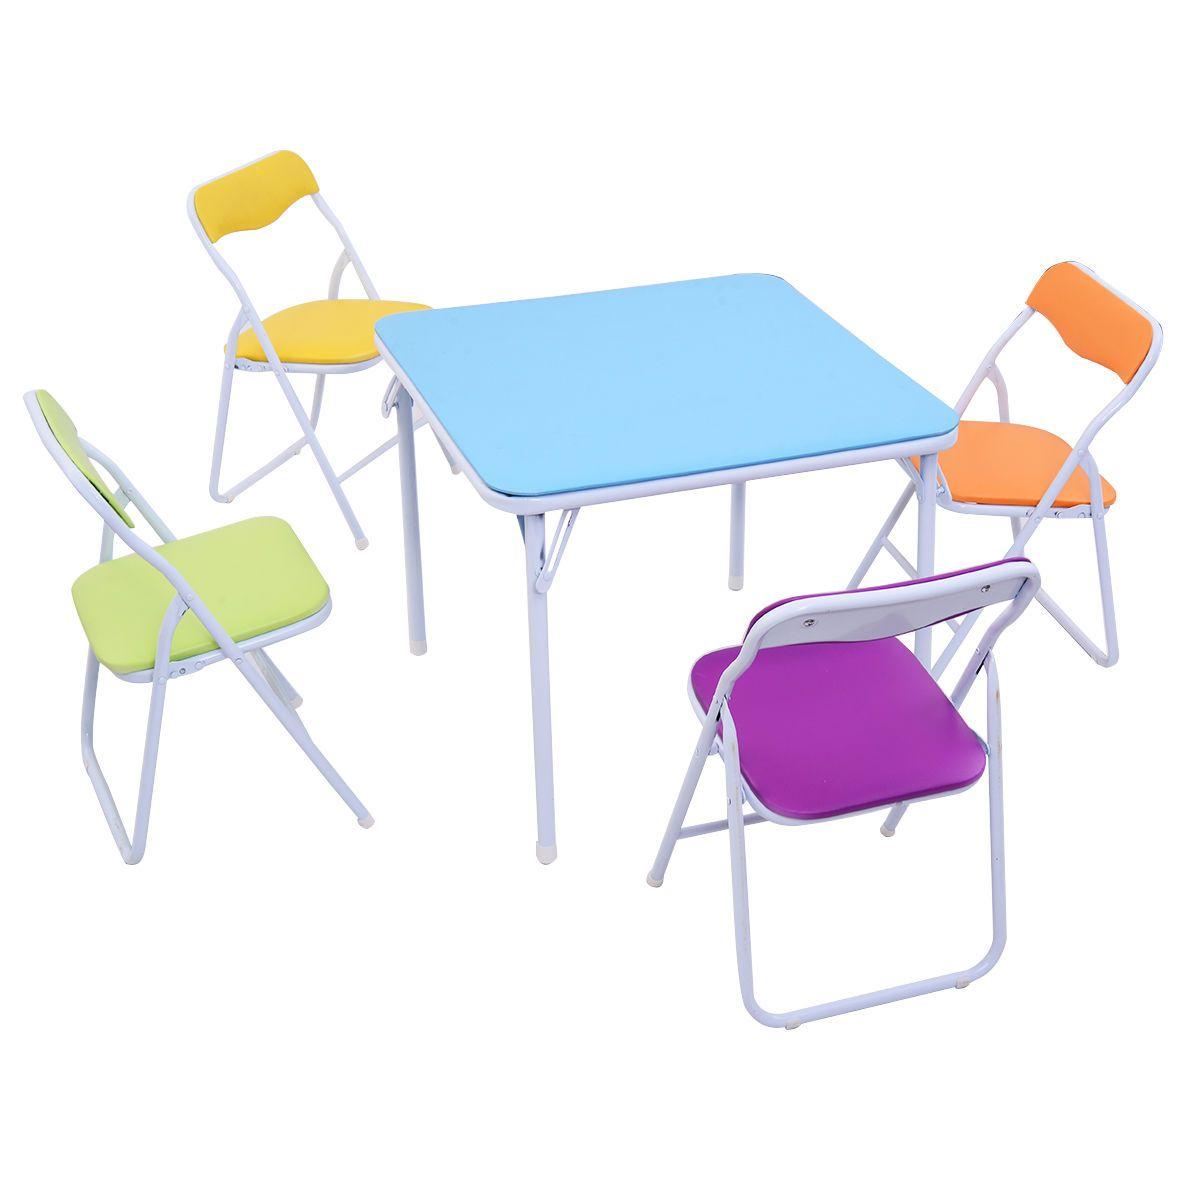 Tavoli Pieghevoli Per Bambini.Acquista Set Di Sedie Da Tavolo Pieghevole Bambini 5 Pezzi Mobili